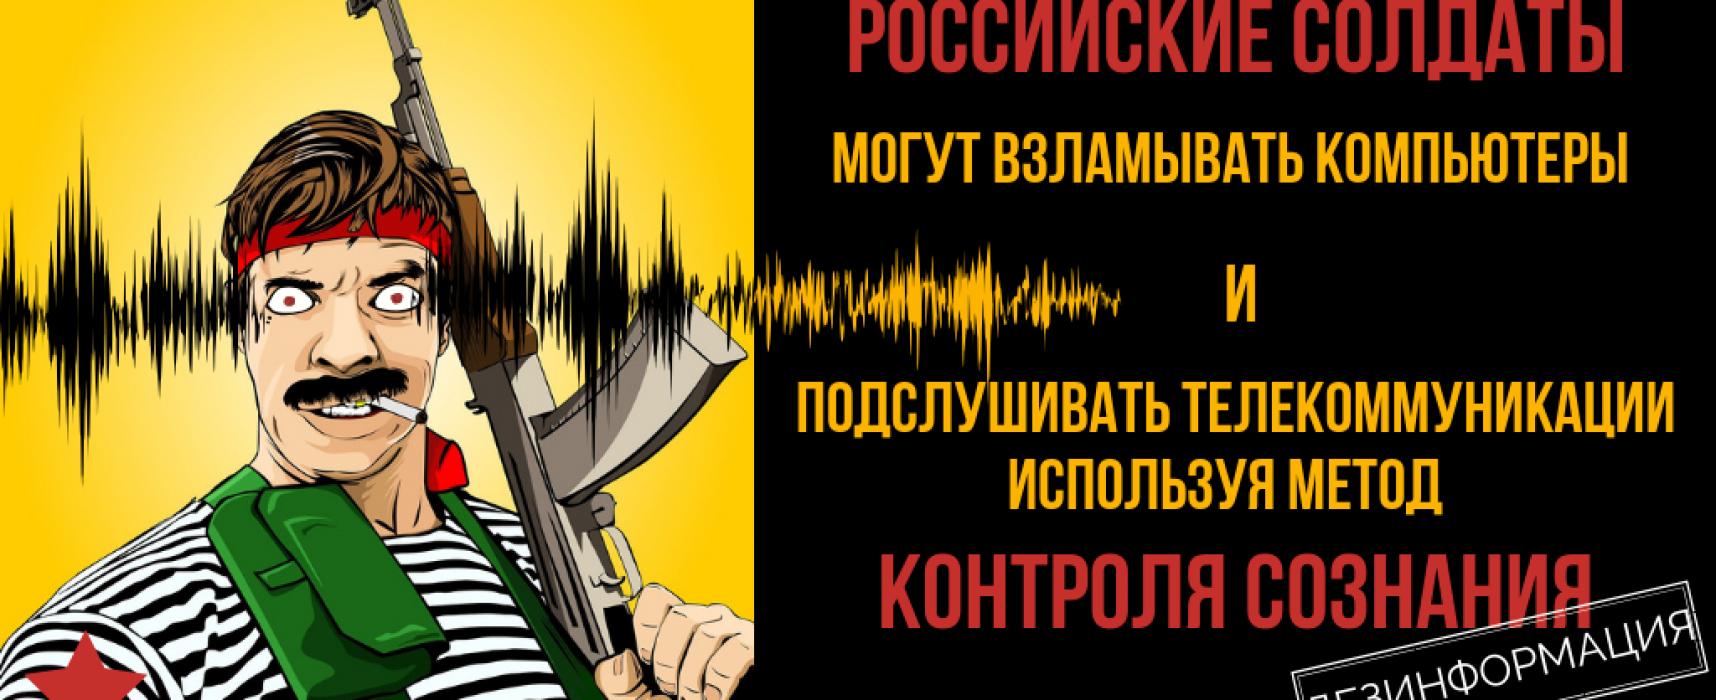 Не здаватися кремлівським солдатам-екстрасенсам